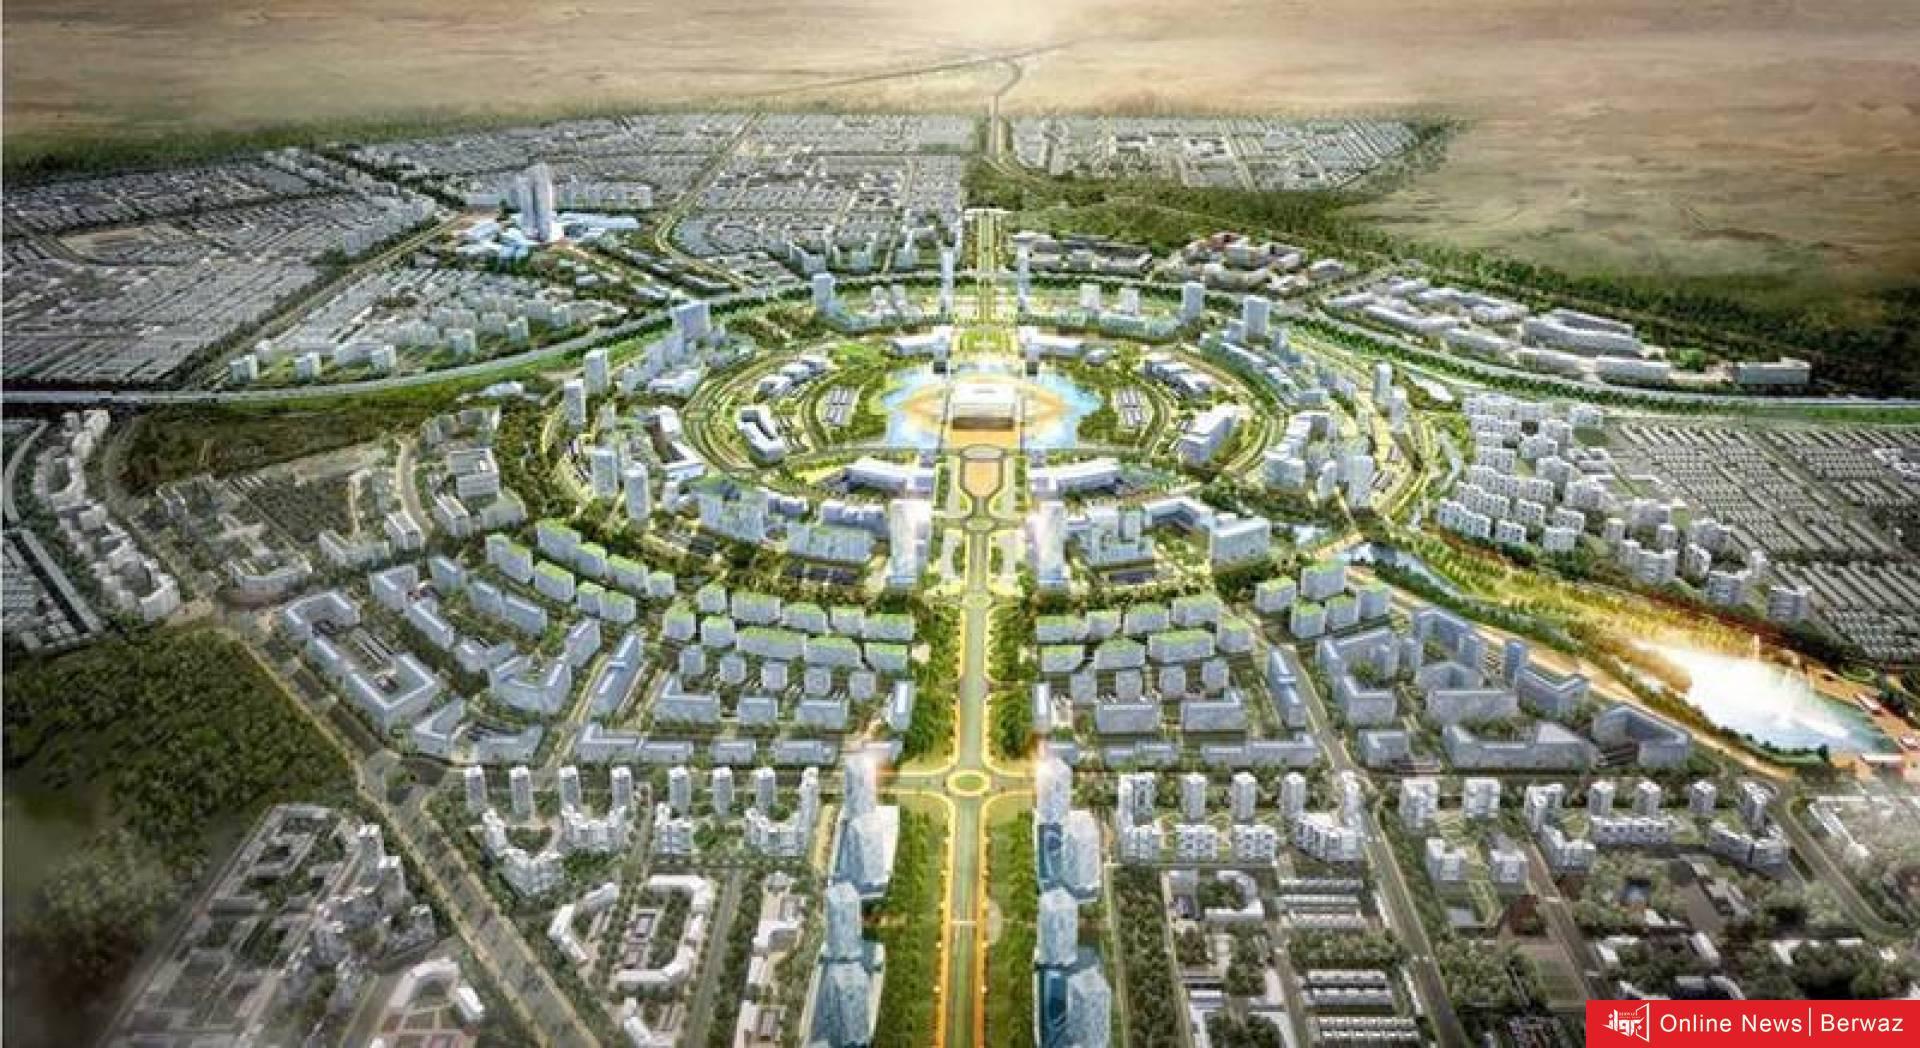 جنوب سعد العبدالله - الكشف عن موعد تسليم موقع مدينة جنوب سعد العبدالله